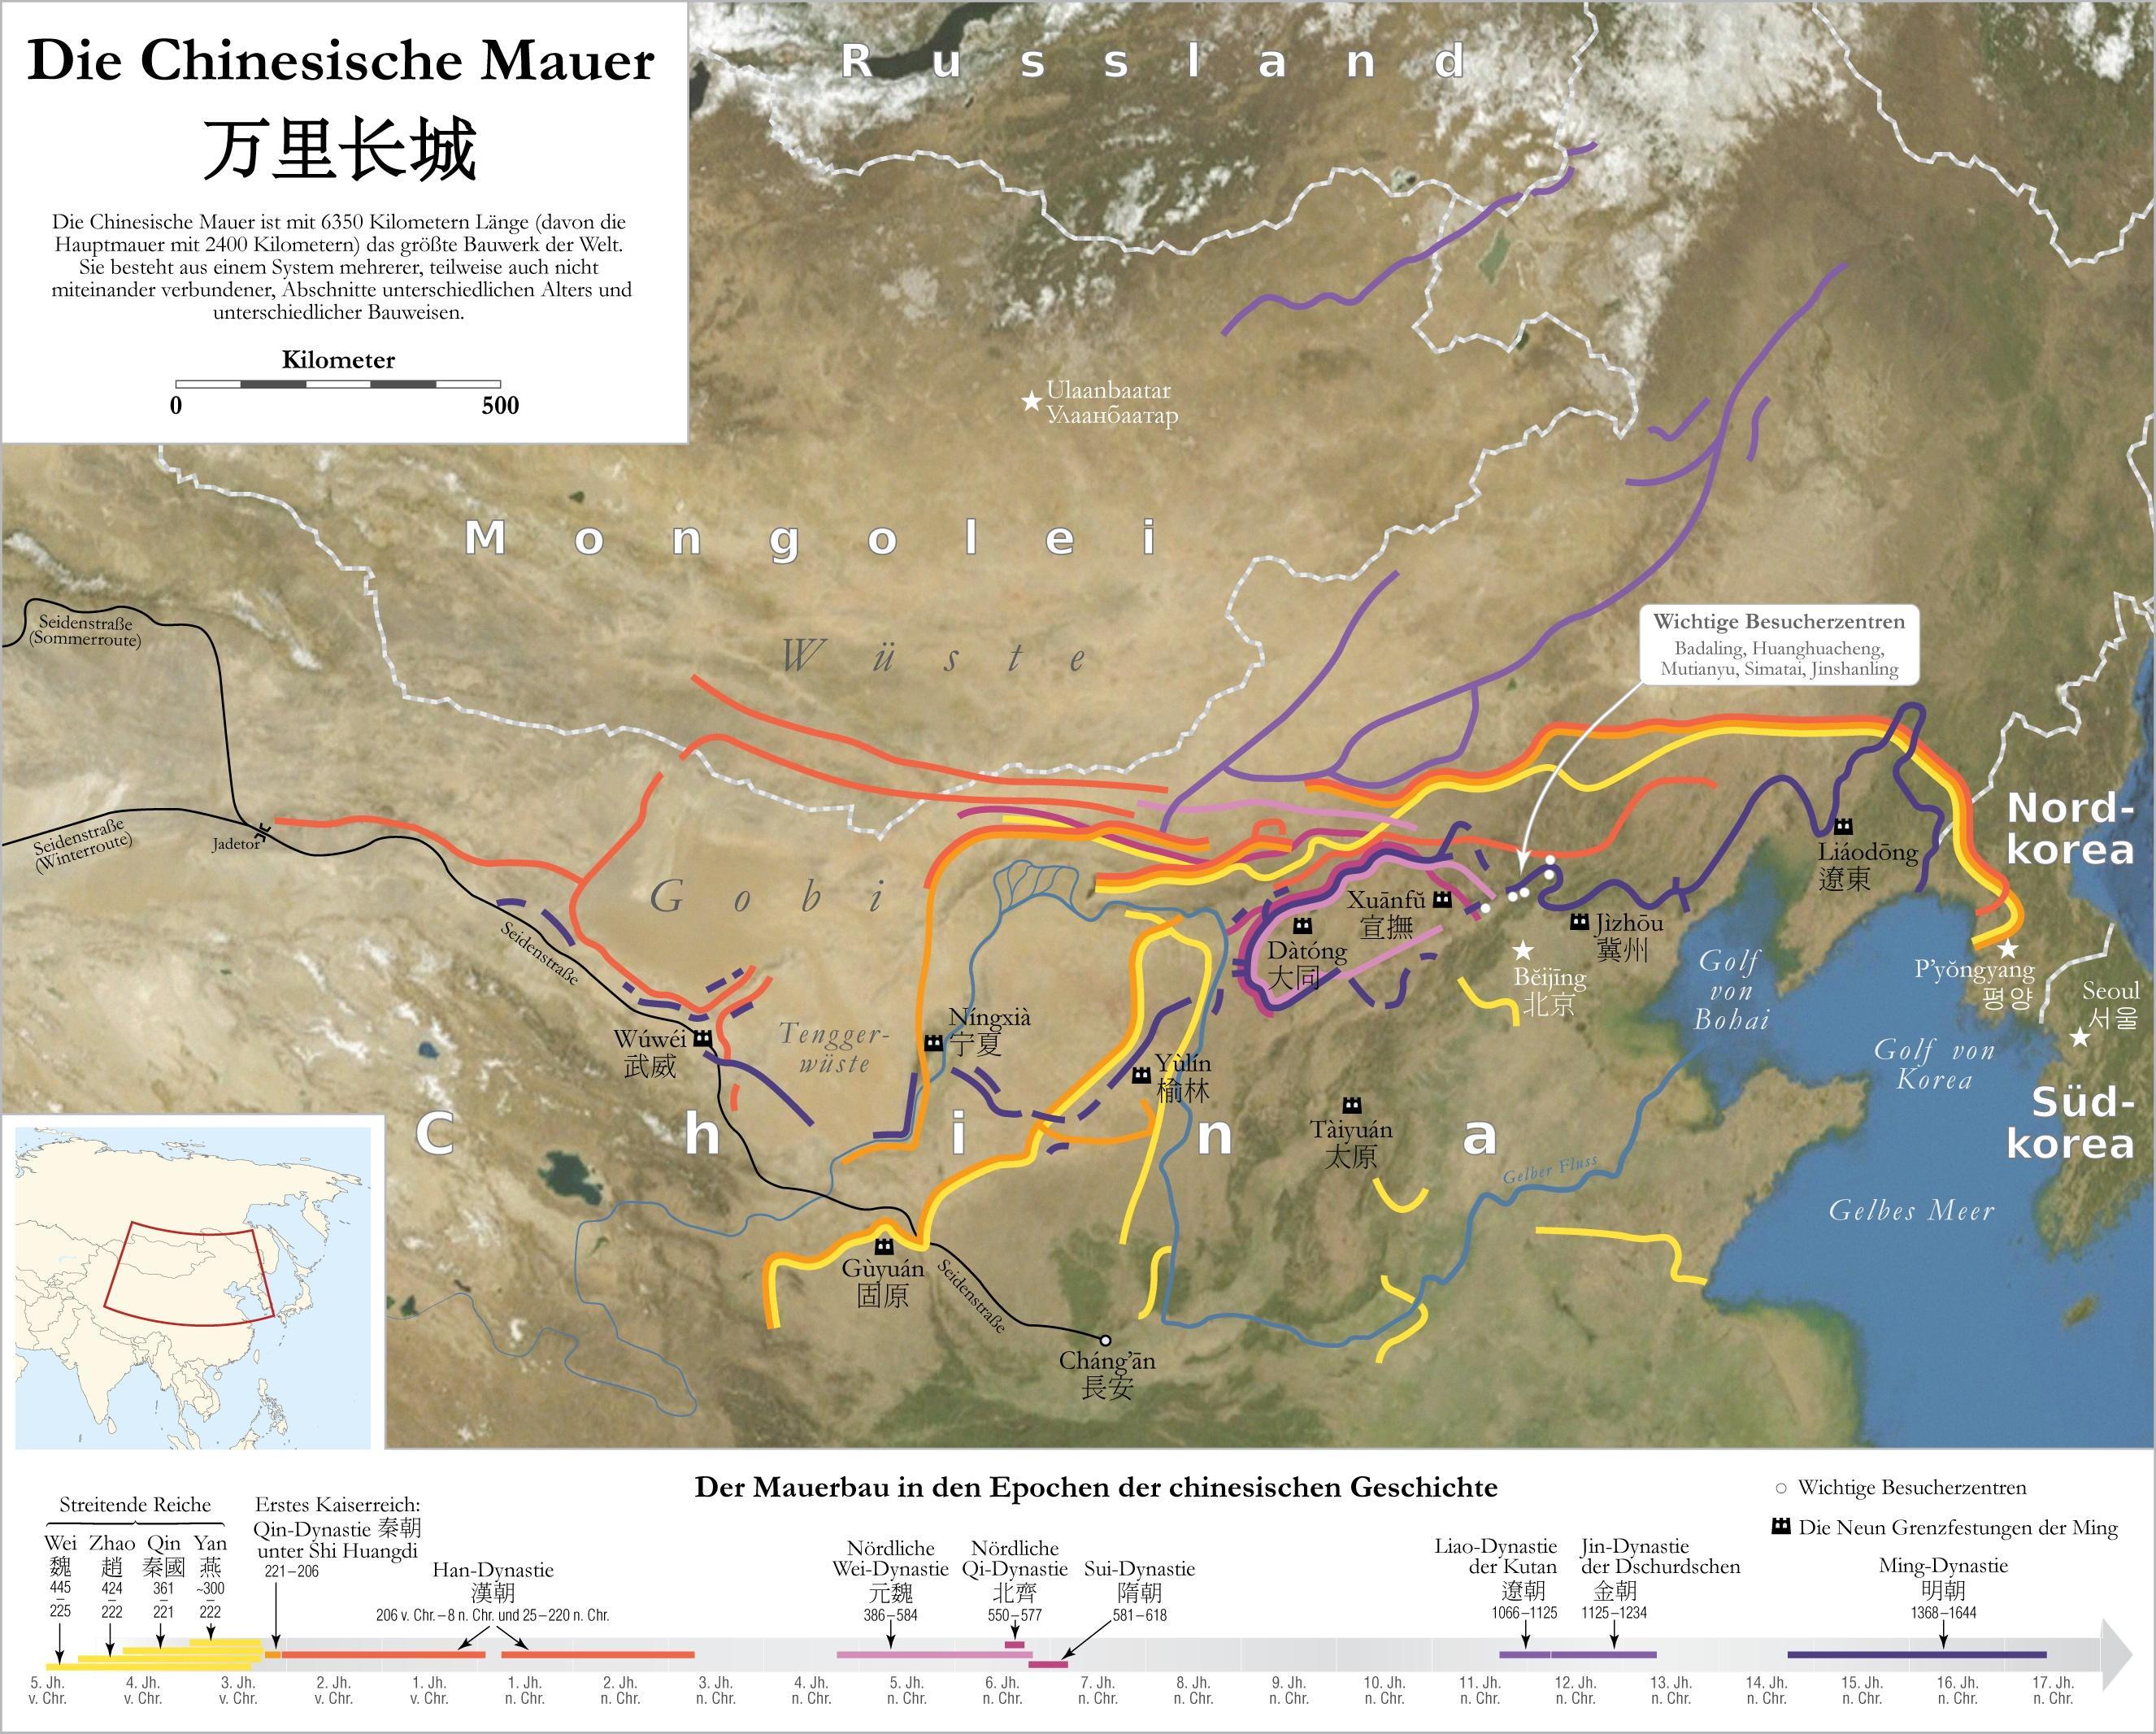 Die Ausmasse der Grossen Mauer Quelle: wikipedia